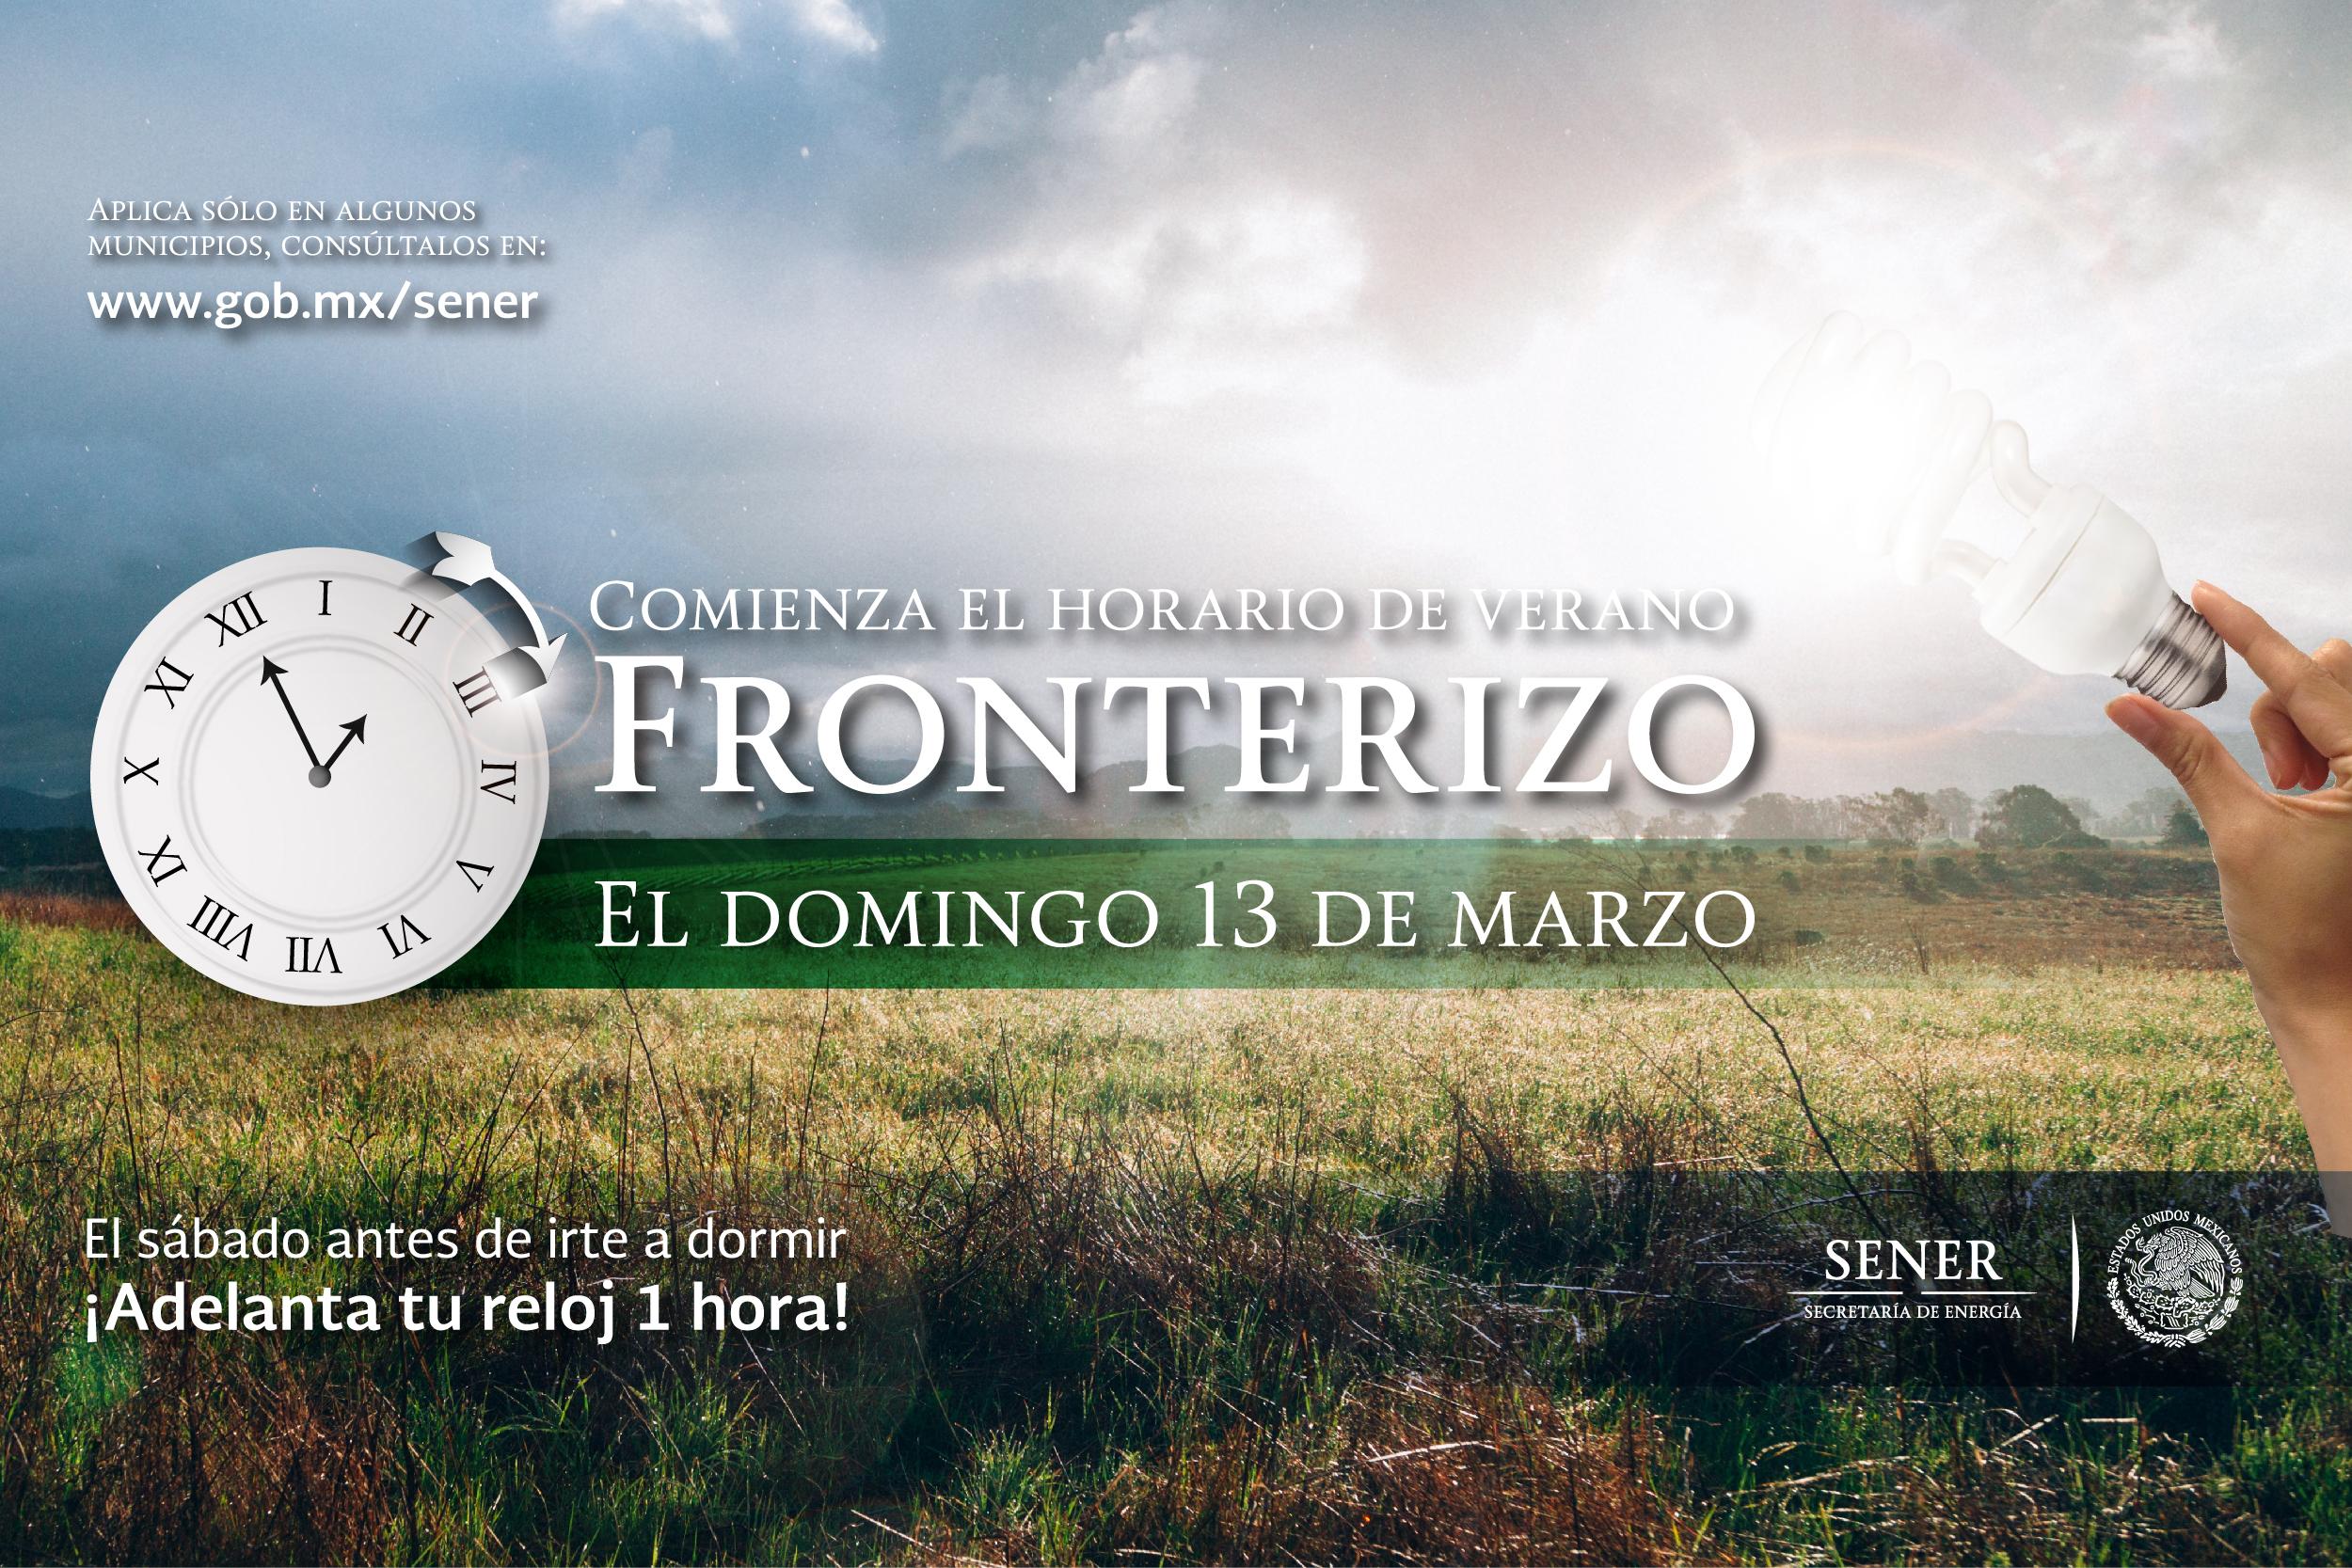 Iniciará el Horario de Verano 2016 en 33 municipios de la franja fronteriza norte del país